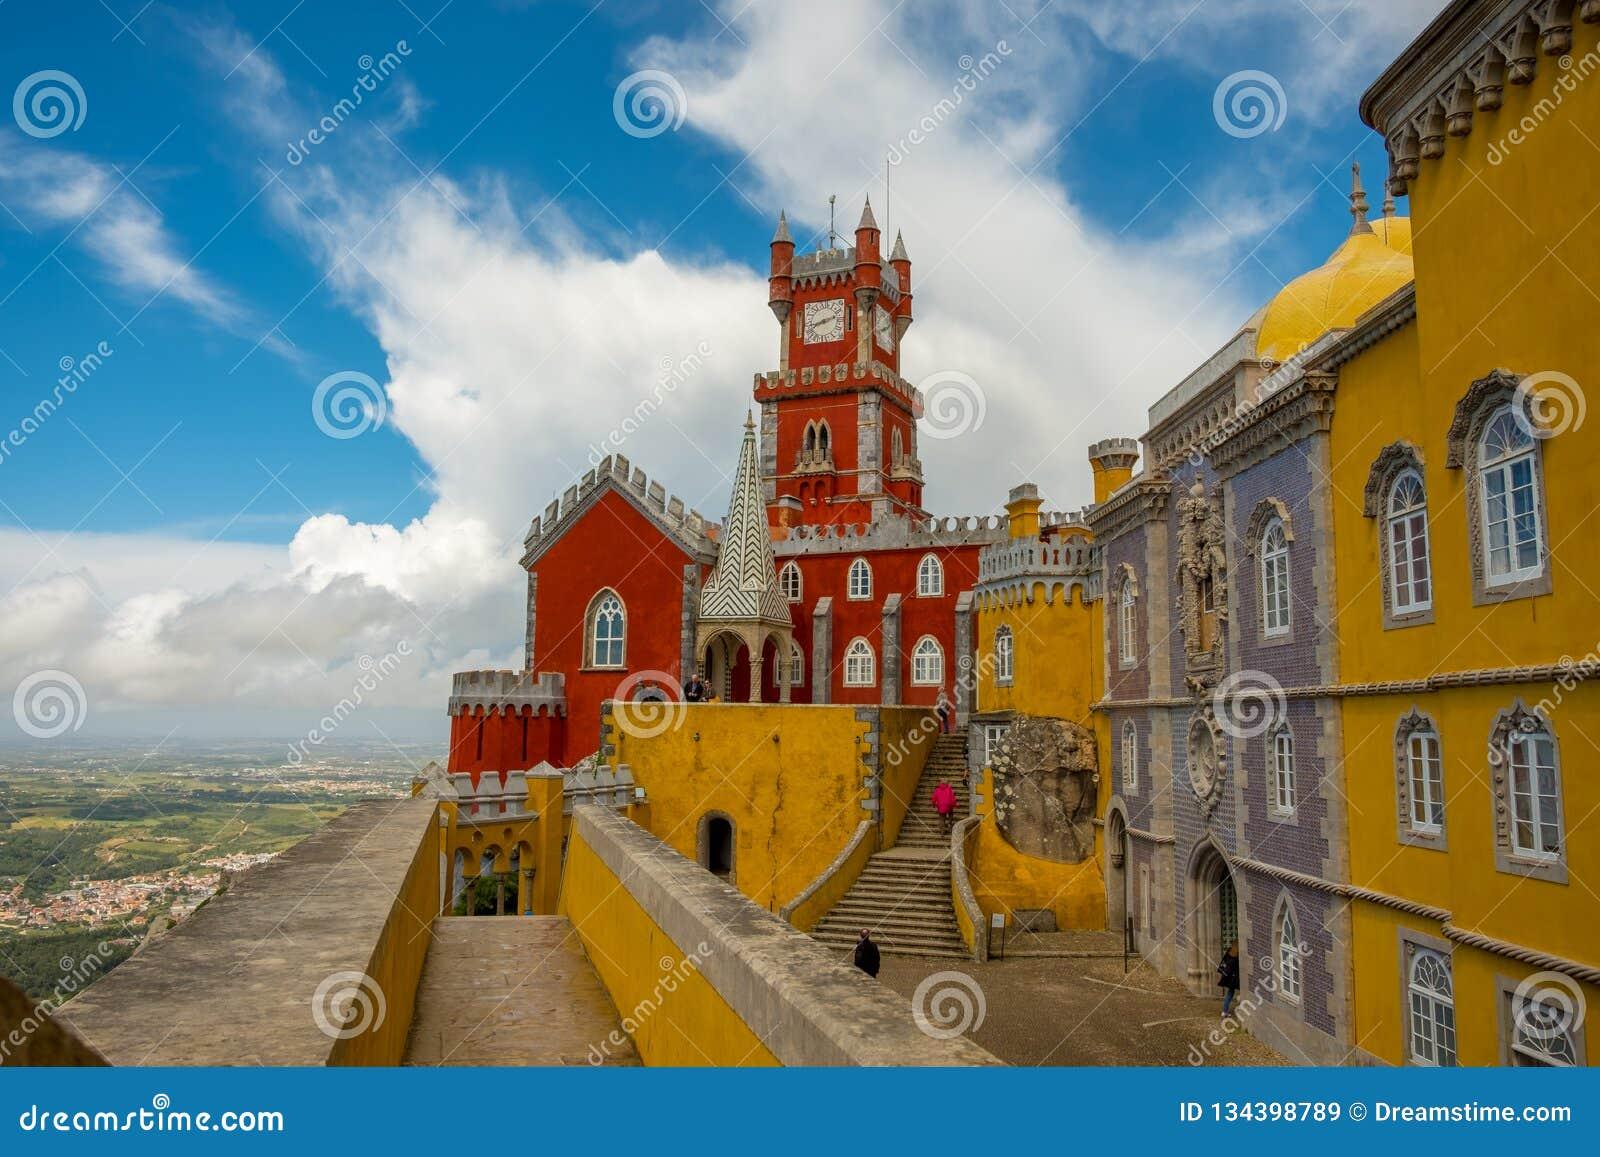 Pena pałac wszystko w kolorze żółtym i czerwieni